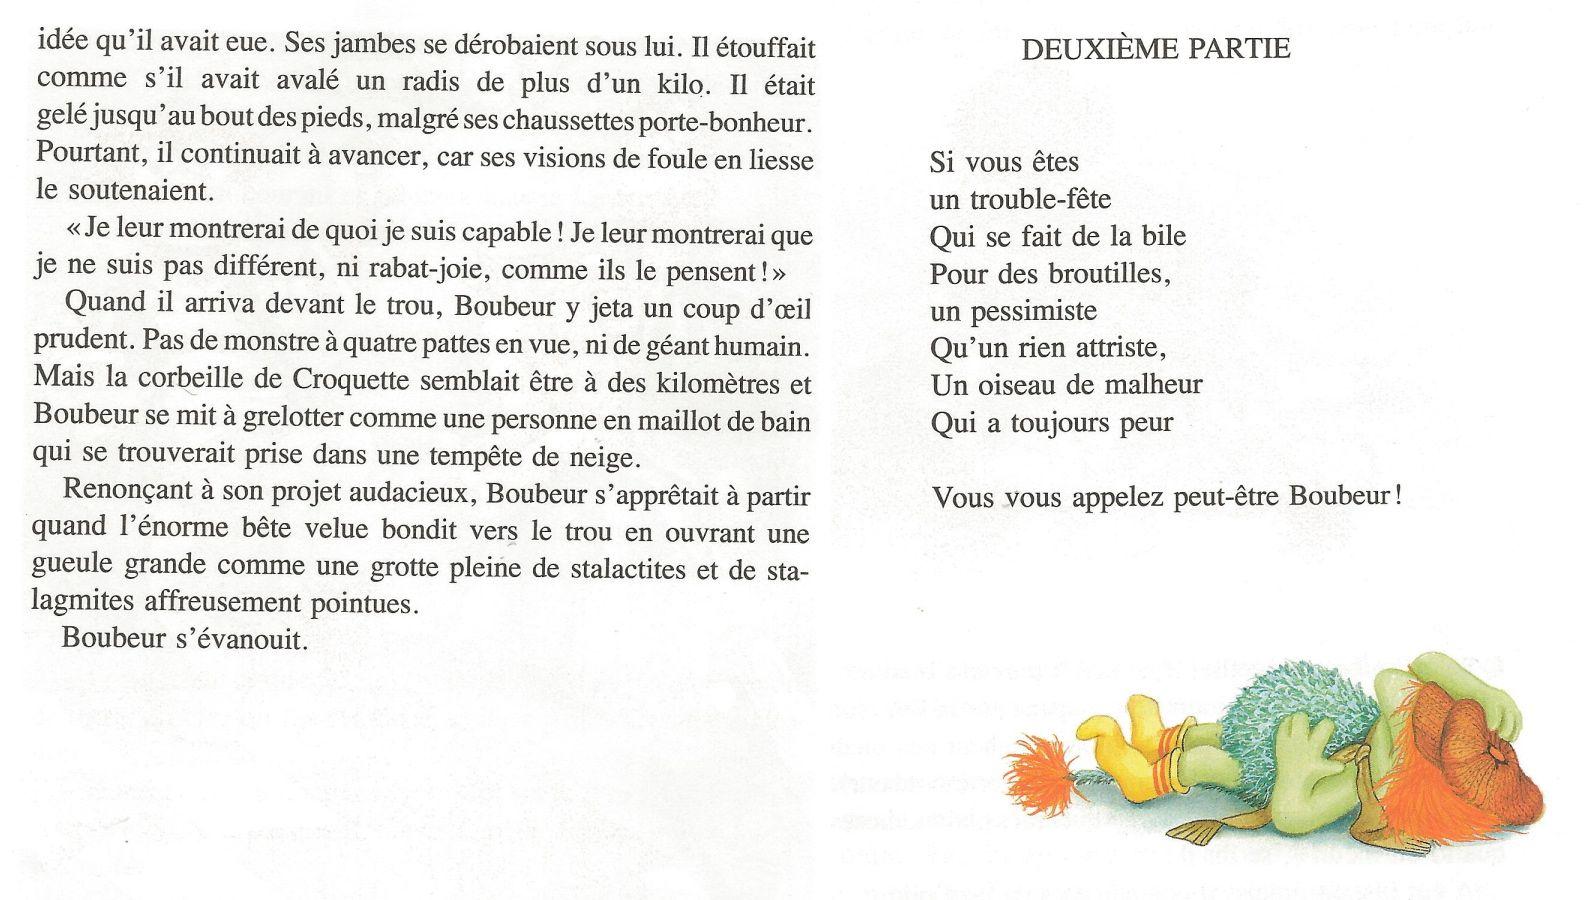 http://grenierdelatv.free.fr/2/fraggleboubeur16.jpg